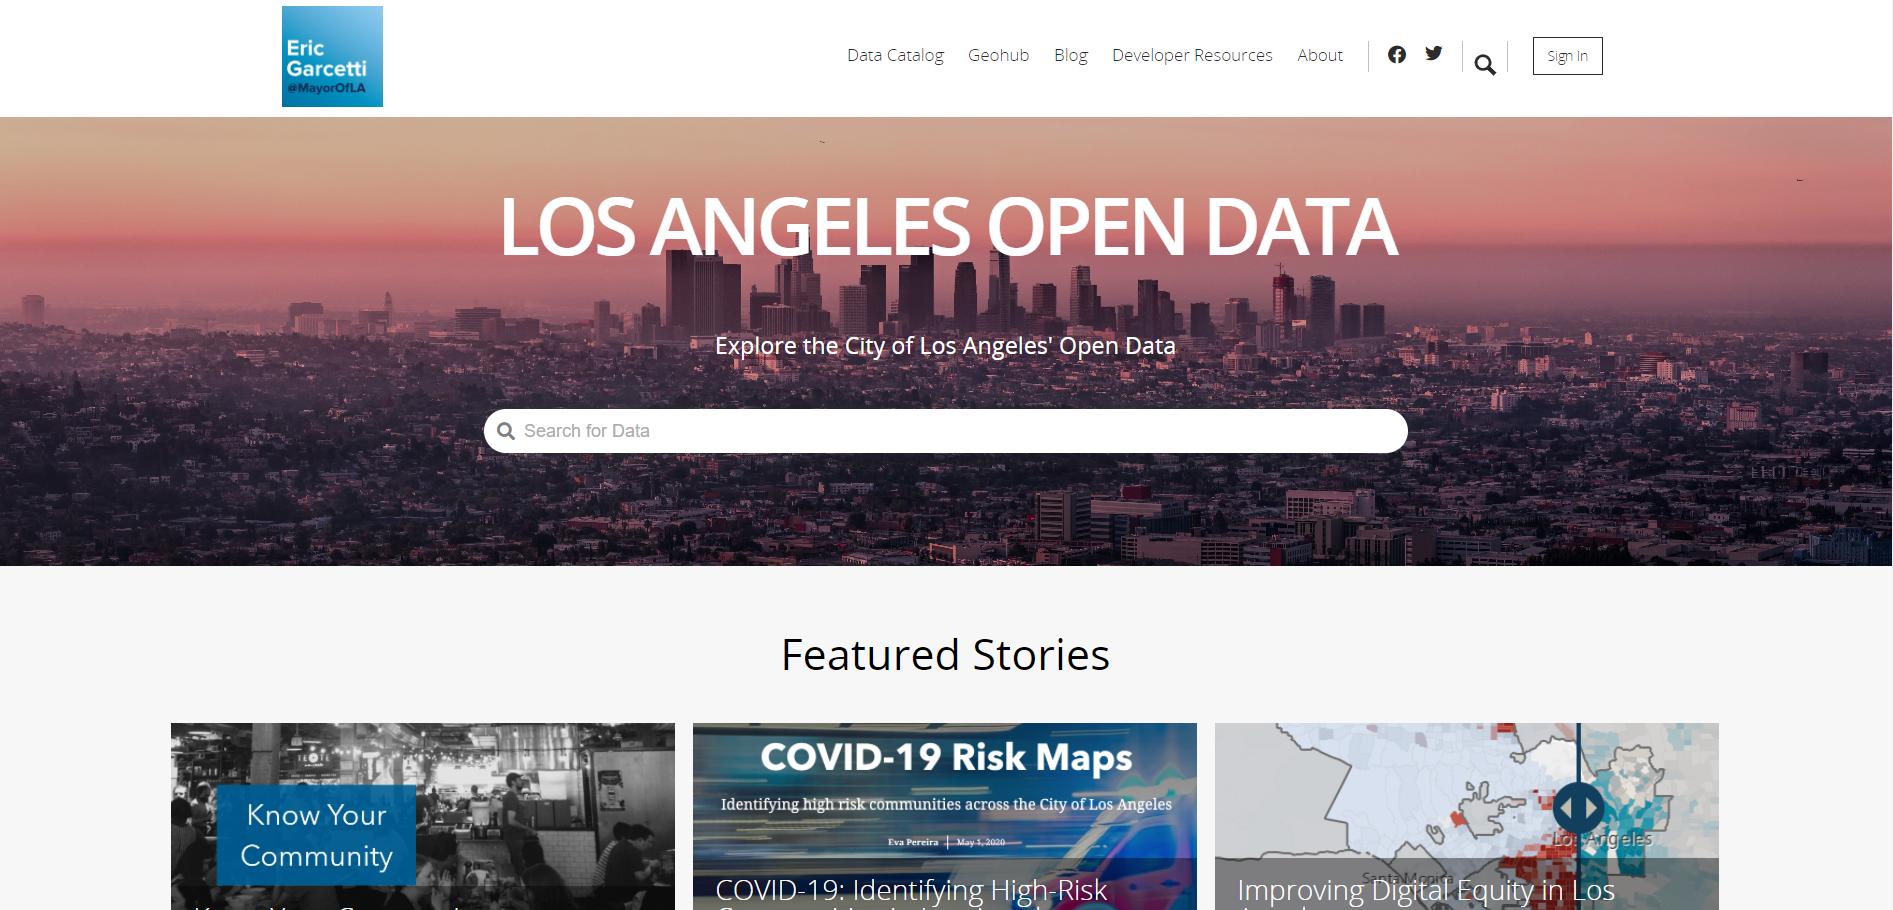 LA open data site screenshot